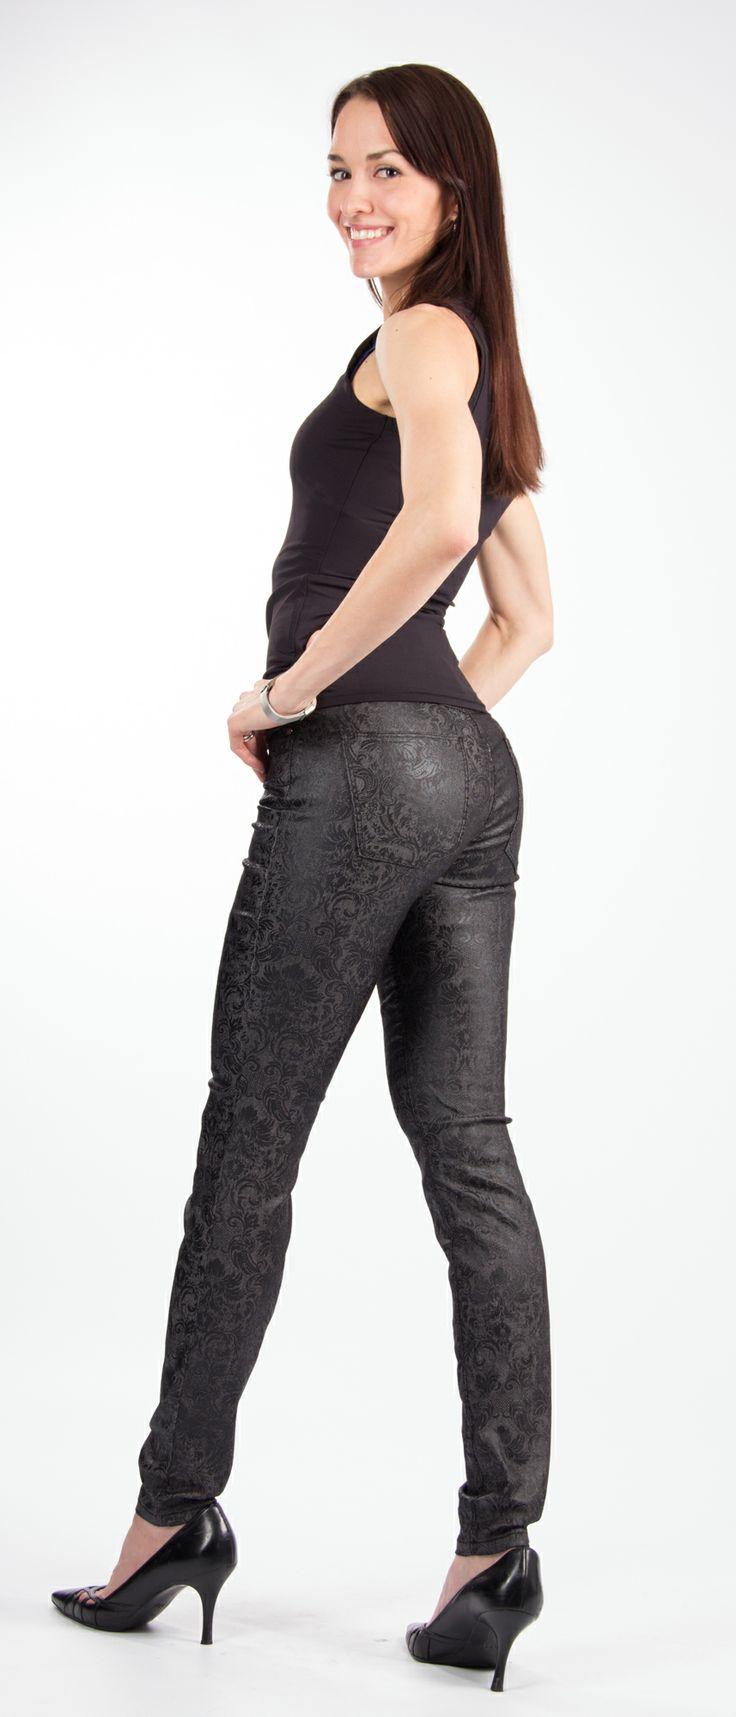 Marc Aurel pants and Repeat top.